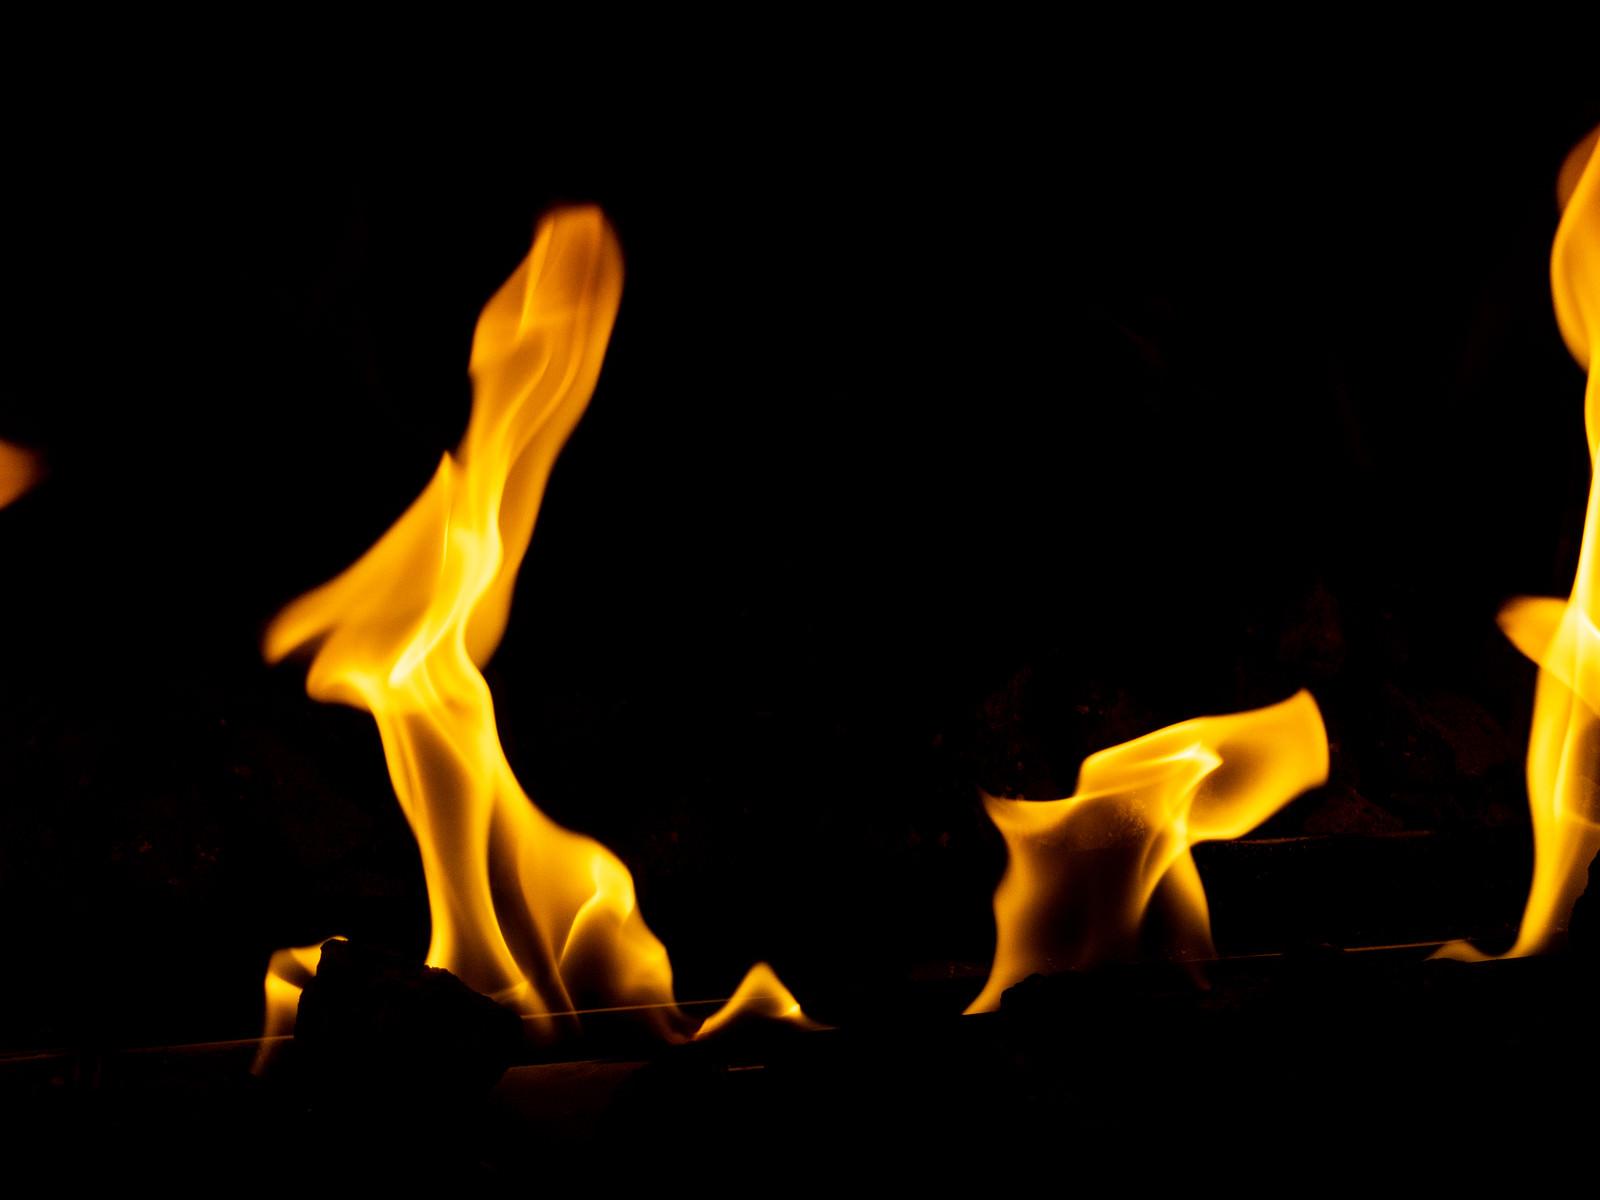 「燃えてあったか」の写真